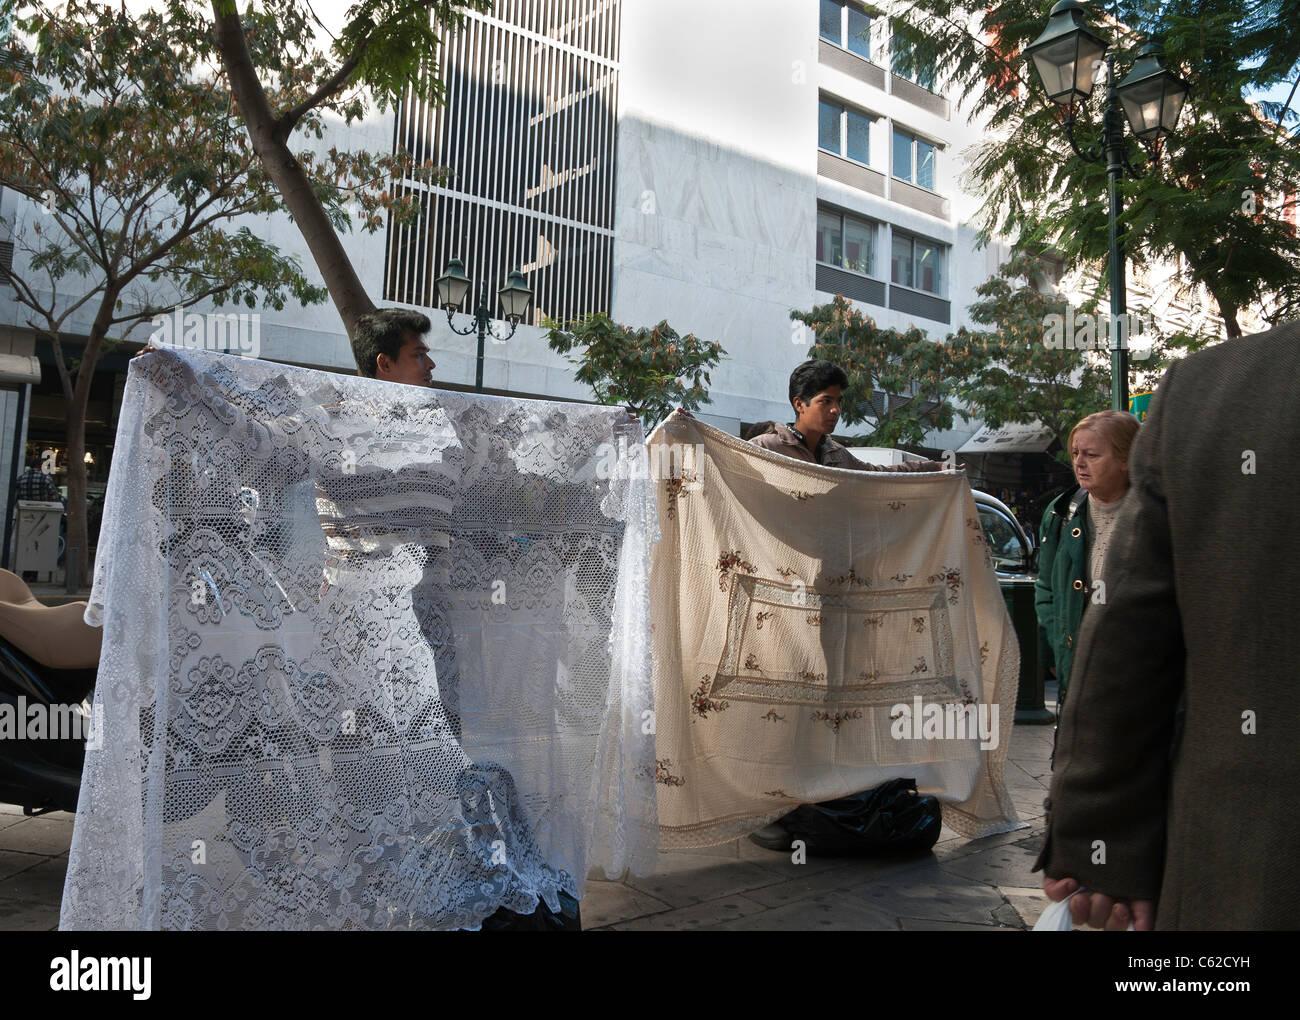 Los inmigrantes que venden manteles en Athinas Street, en el centro de Atenas, Grecia Foto de stock